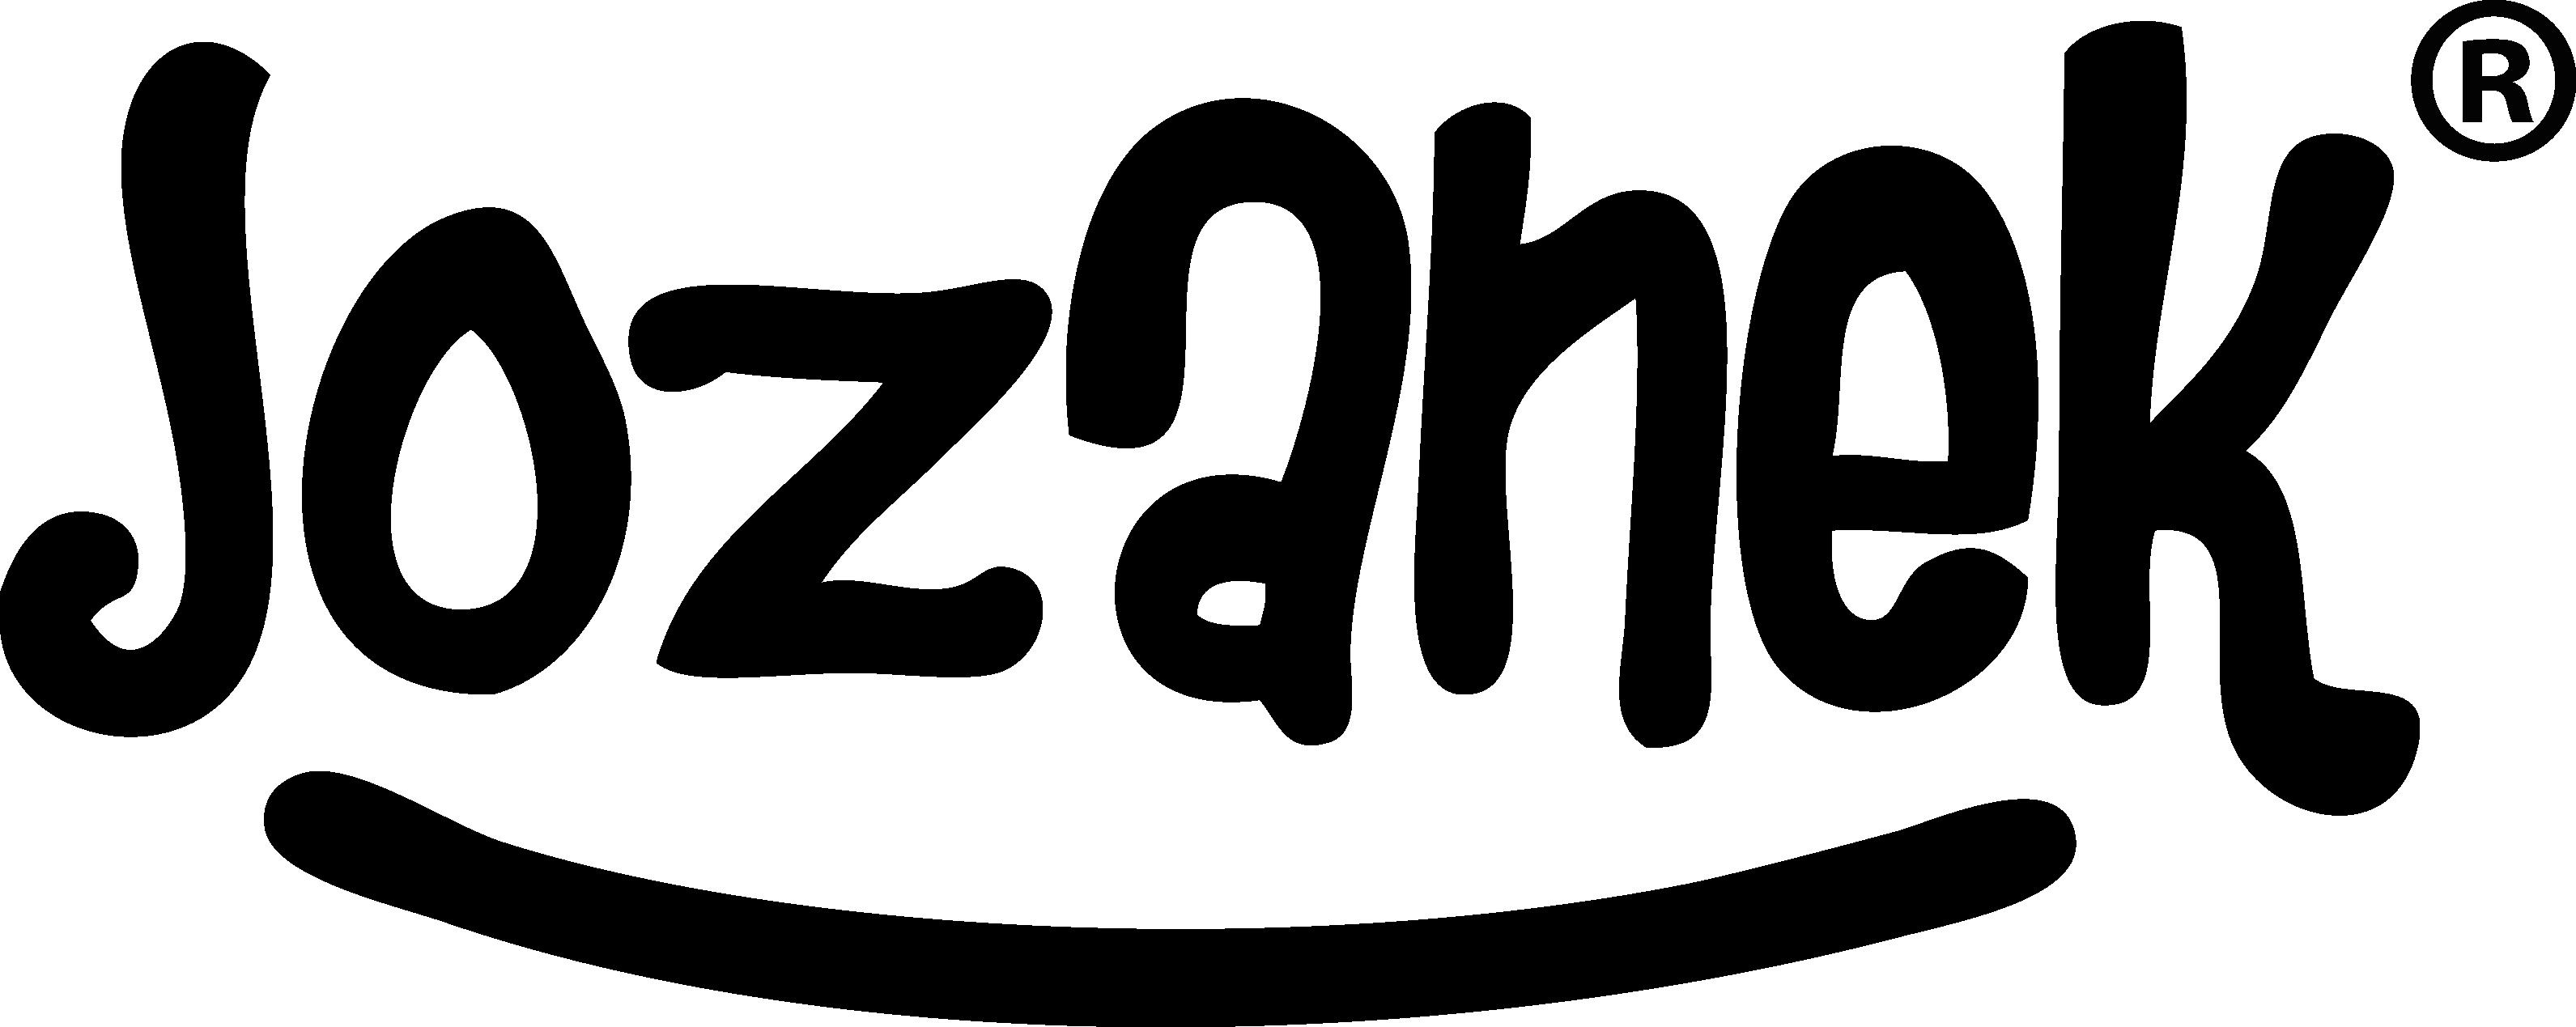 nove logo Jozanek png